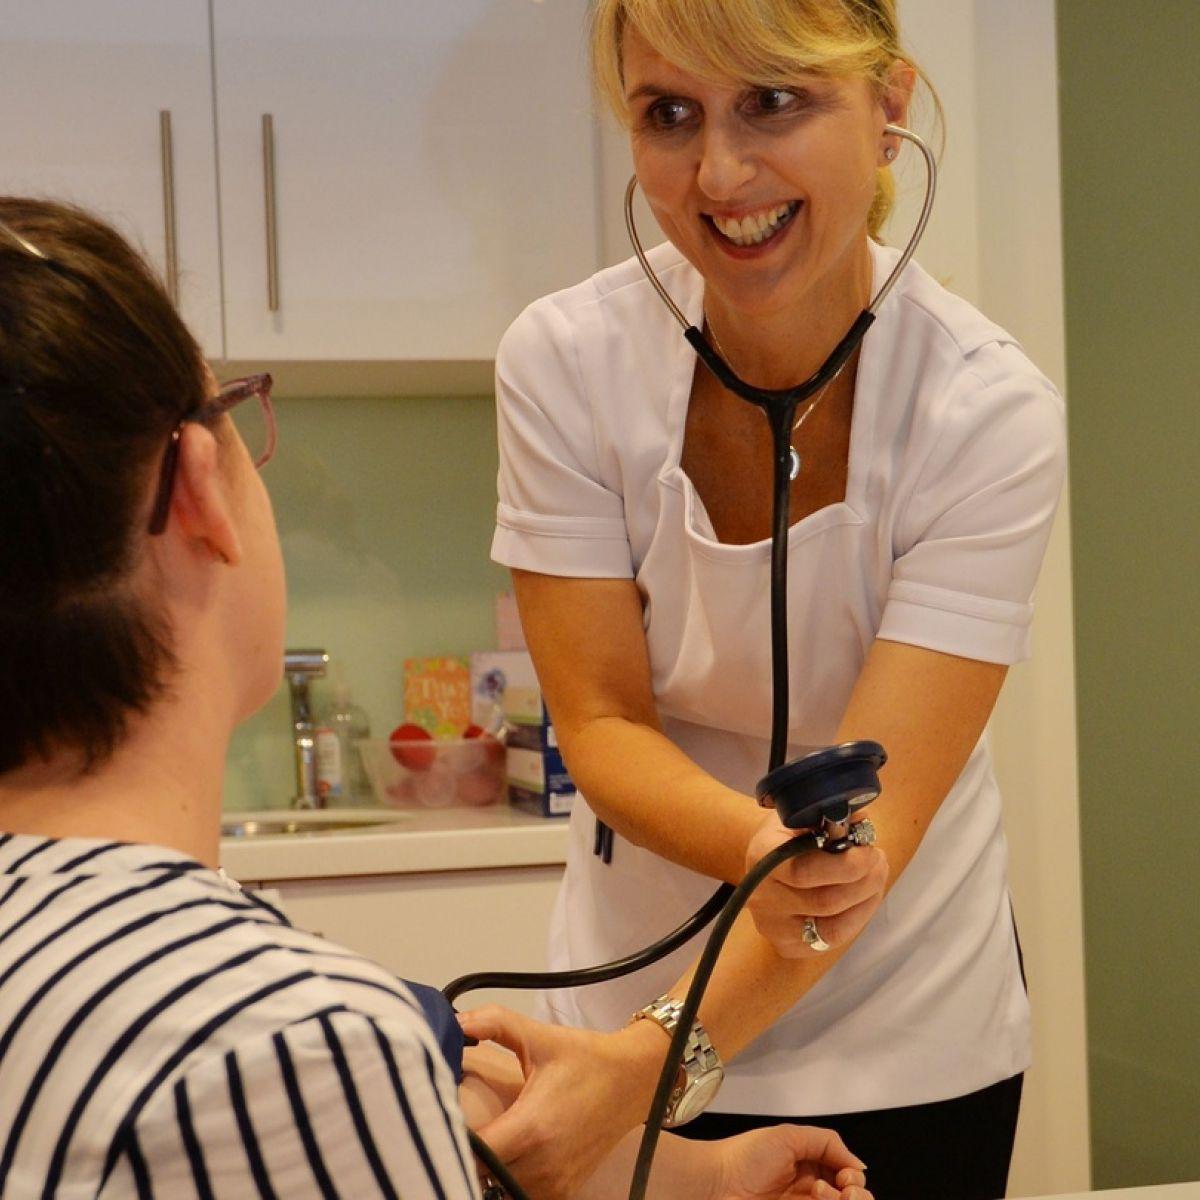 Contact us - Ultrasound Scan Dublin - Ultrasound Ireland